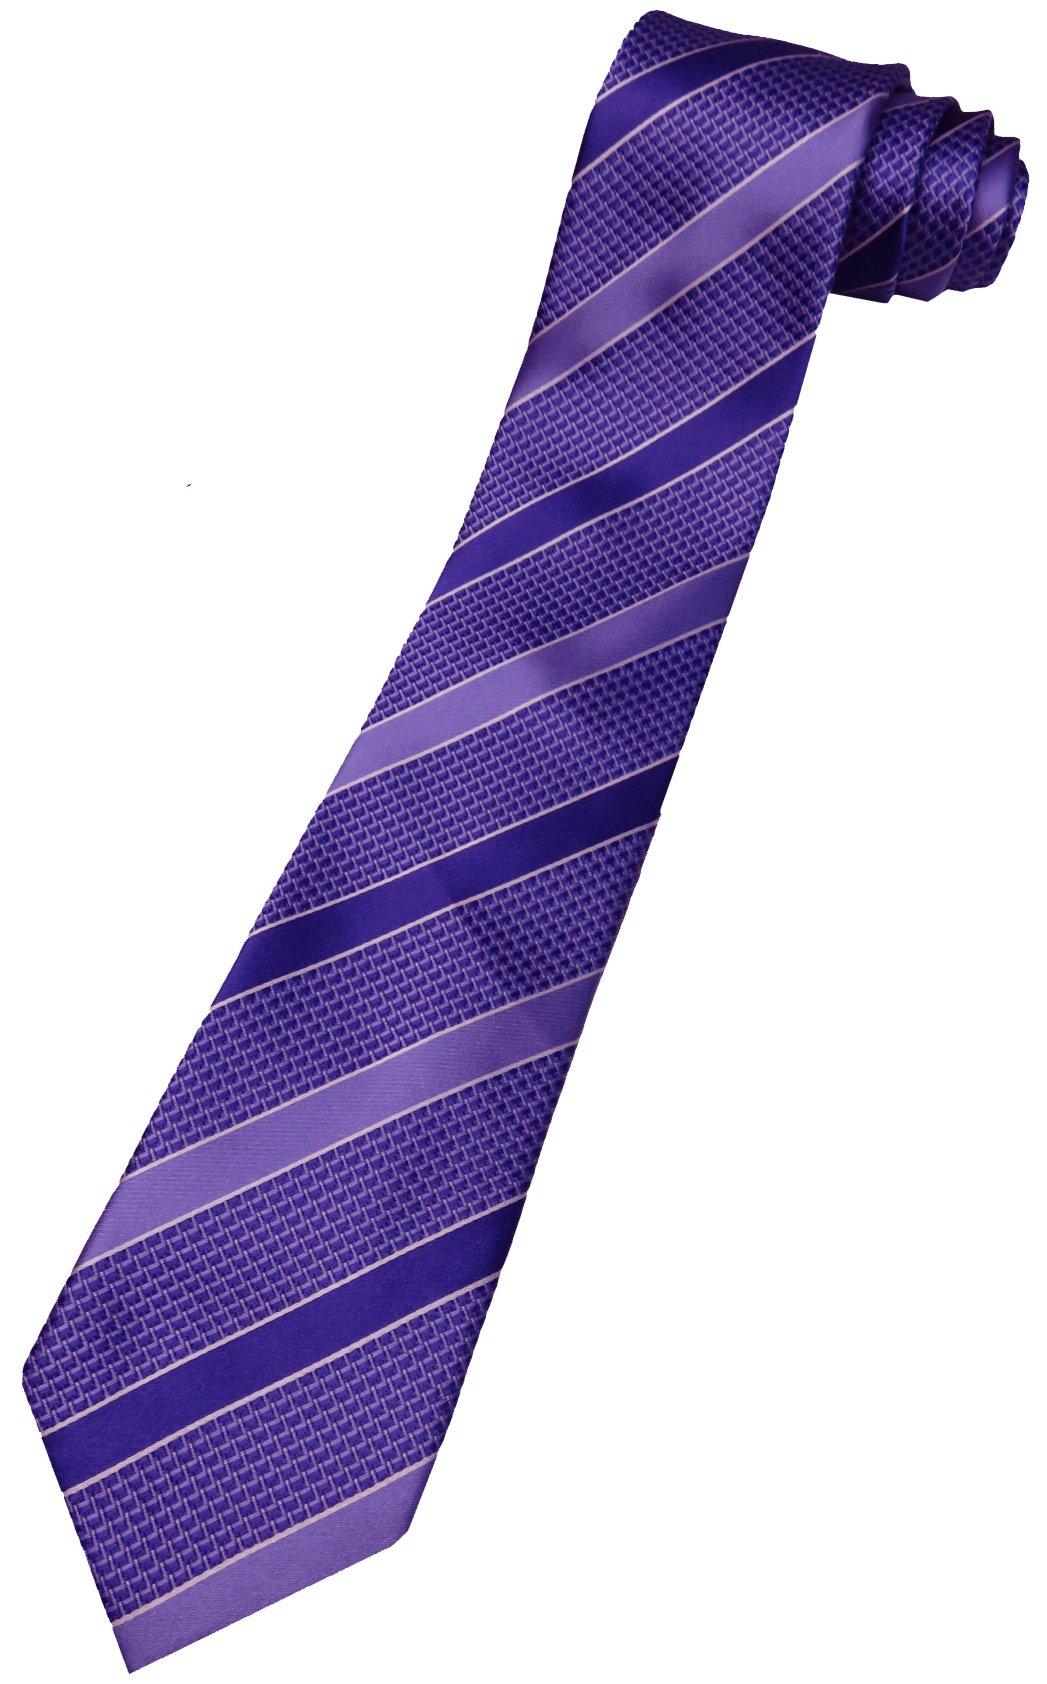 Donald Trump Neck Tie Purple and Silver